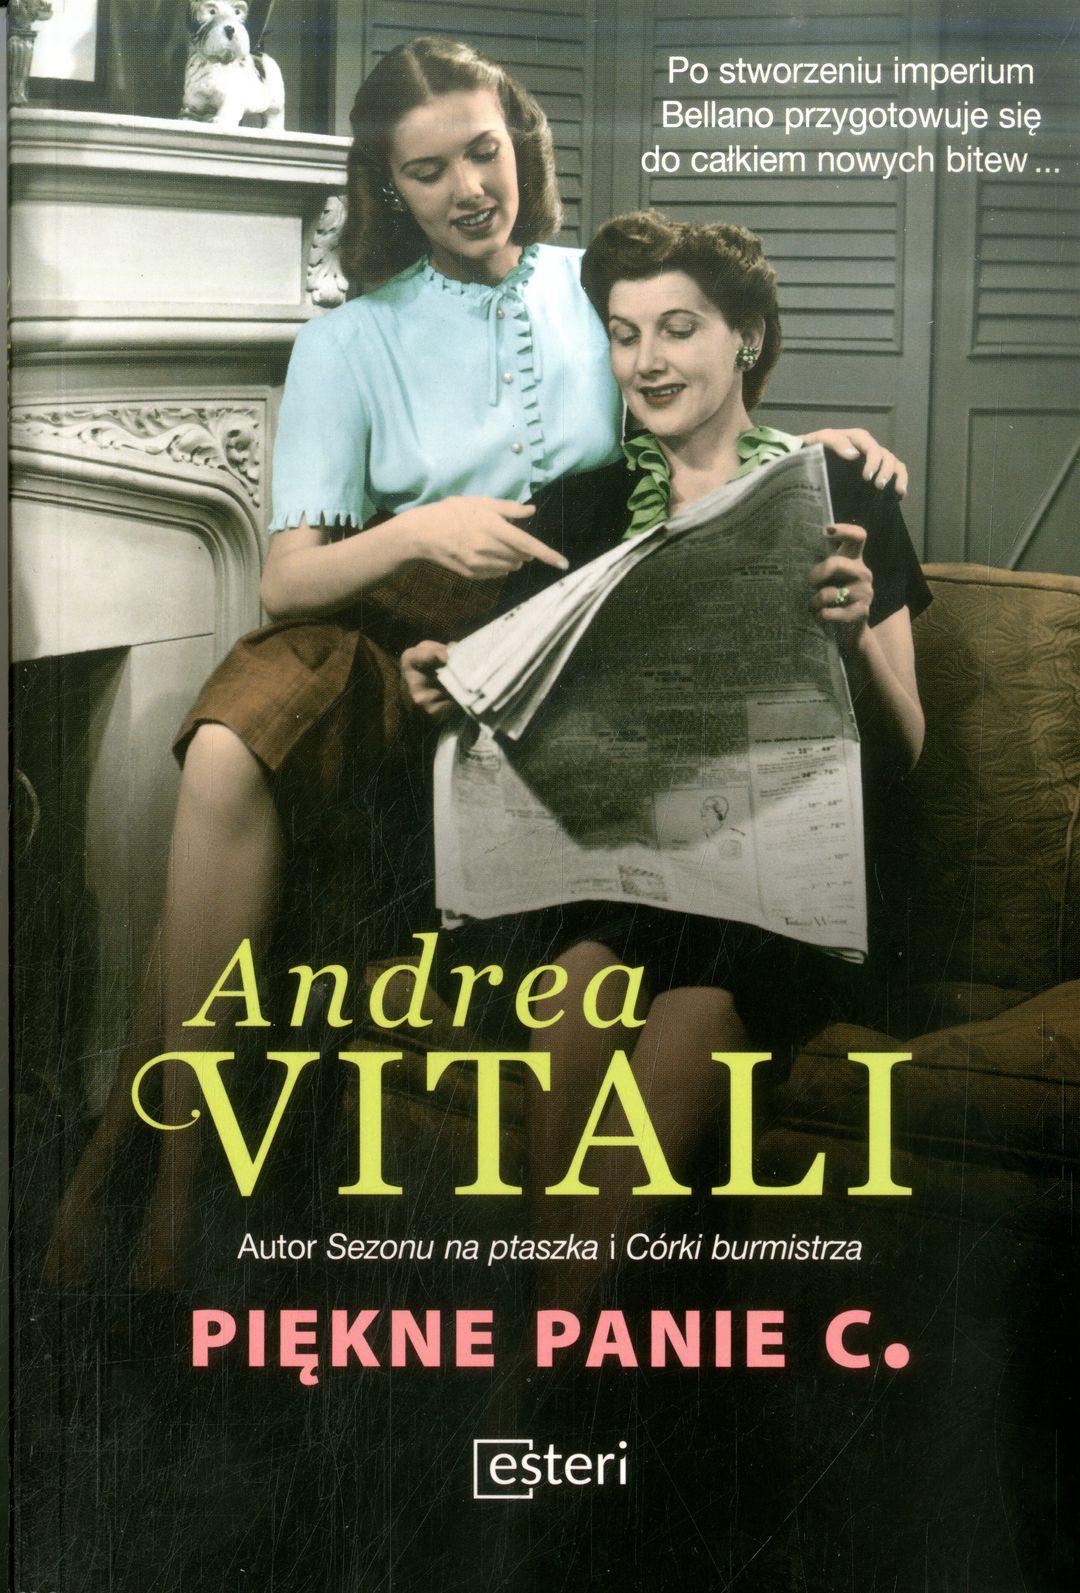 Vitali Andrea – Piękne Panie C.